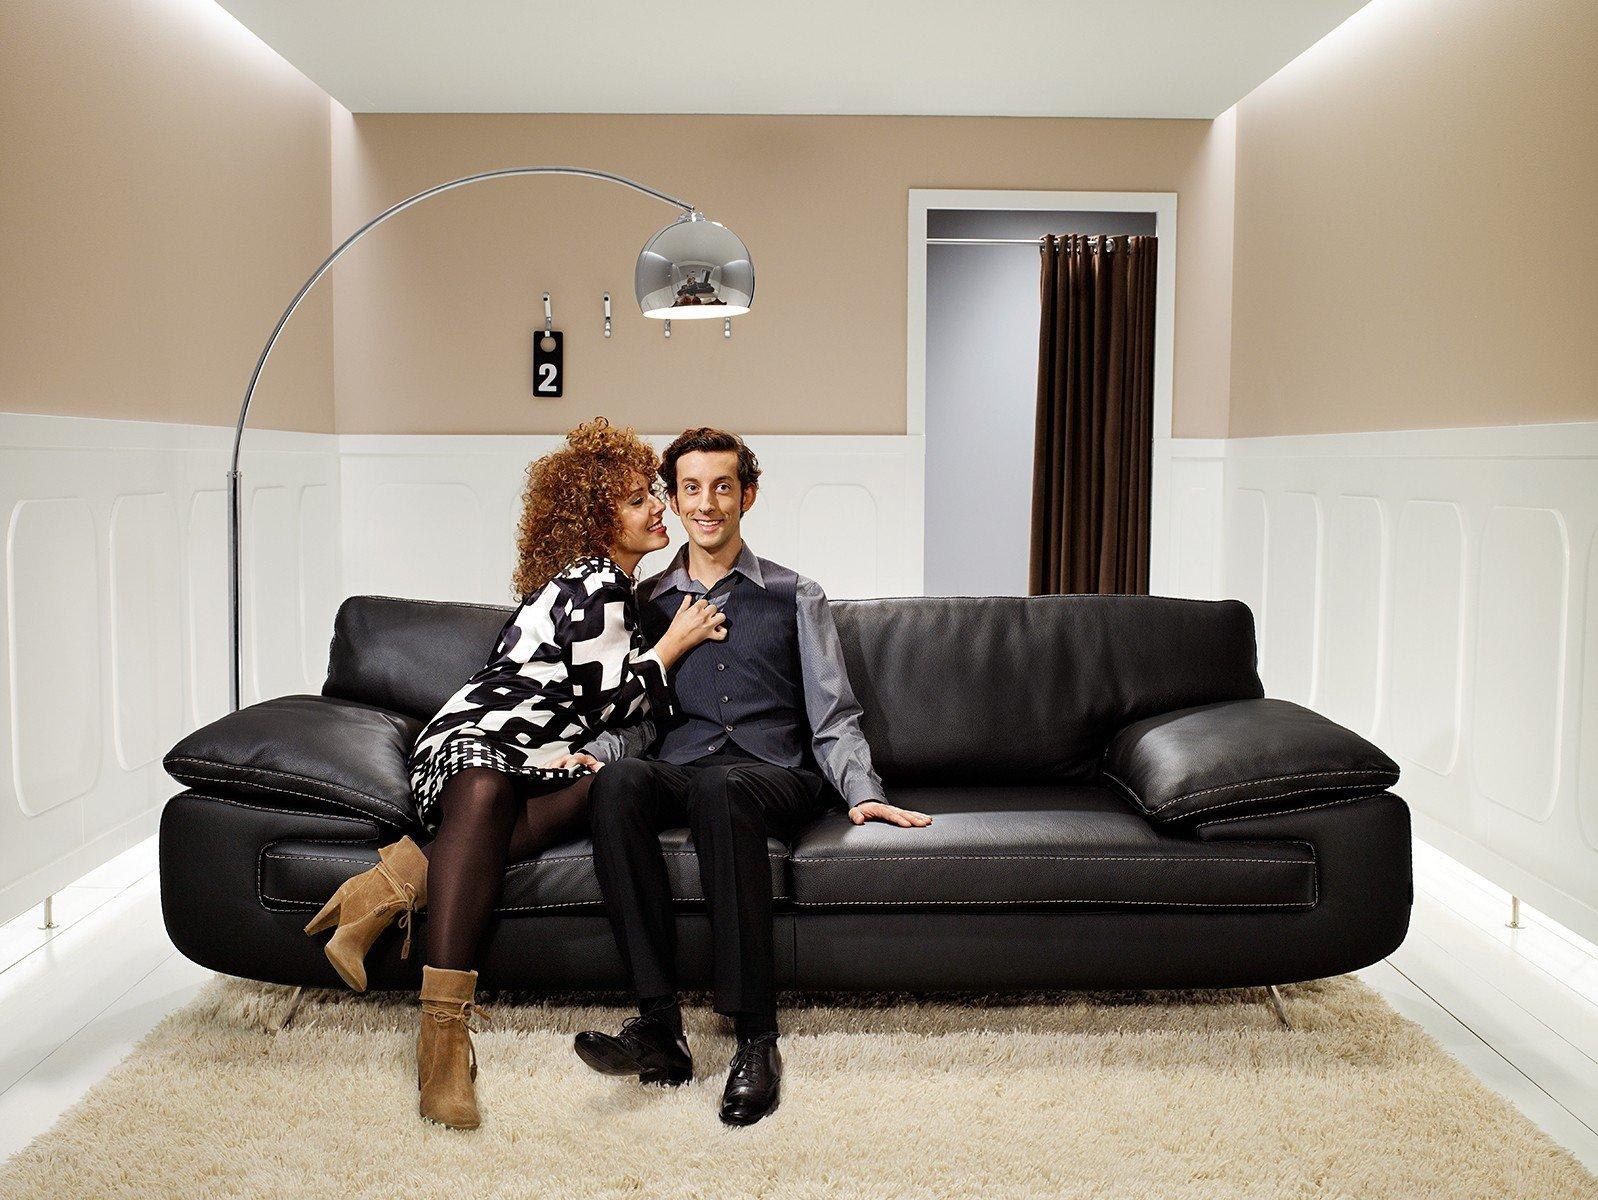 Как мужчины и женщины выбирают квартиру? Идем к риэлтору вместе. (Статья для портала lady.tut.by сентябрь 2013г.)